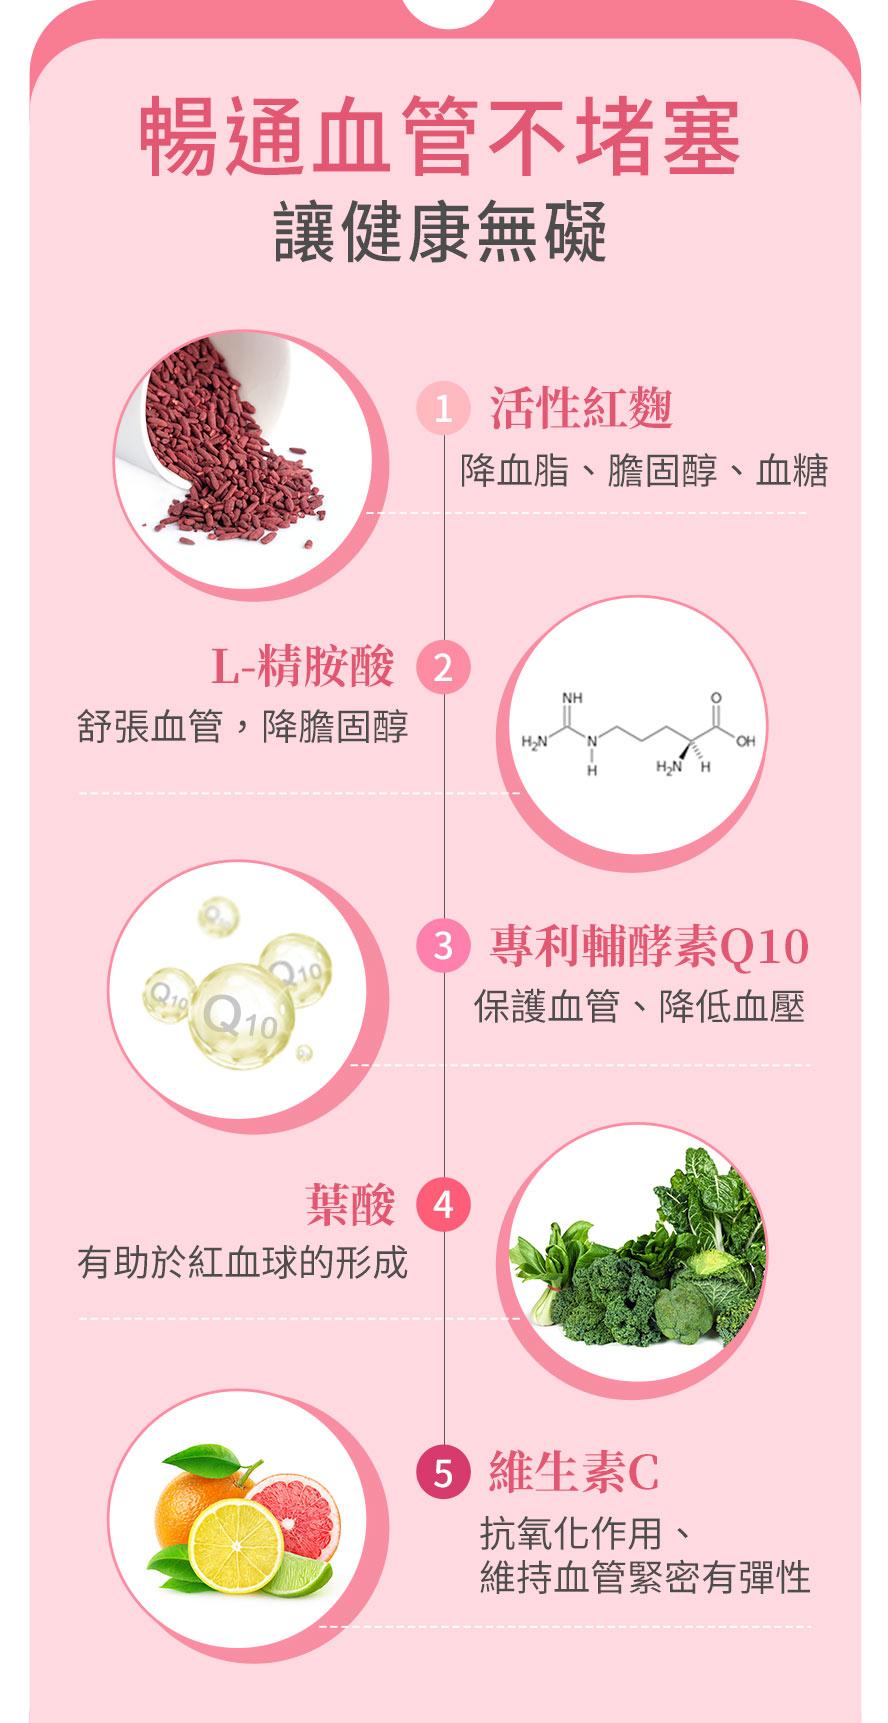 活性紅麴,Q10,精胺酸,葉酸,頂尖的獨家配方,一顆足量Monacolin-K 6mg,幫助降三高與膽固醇.